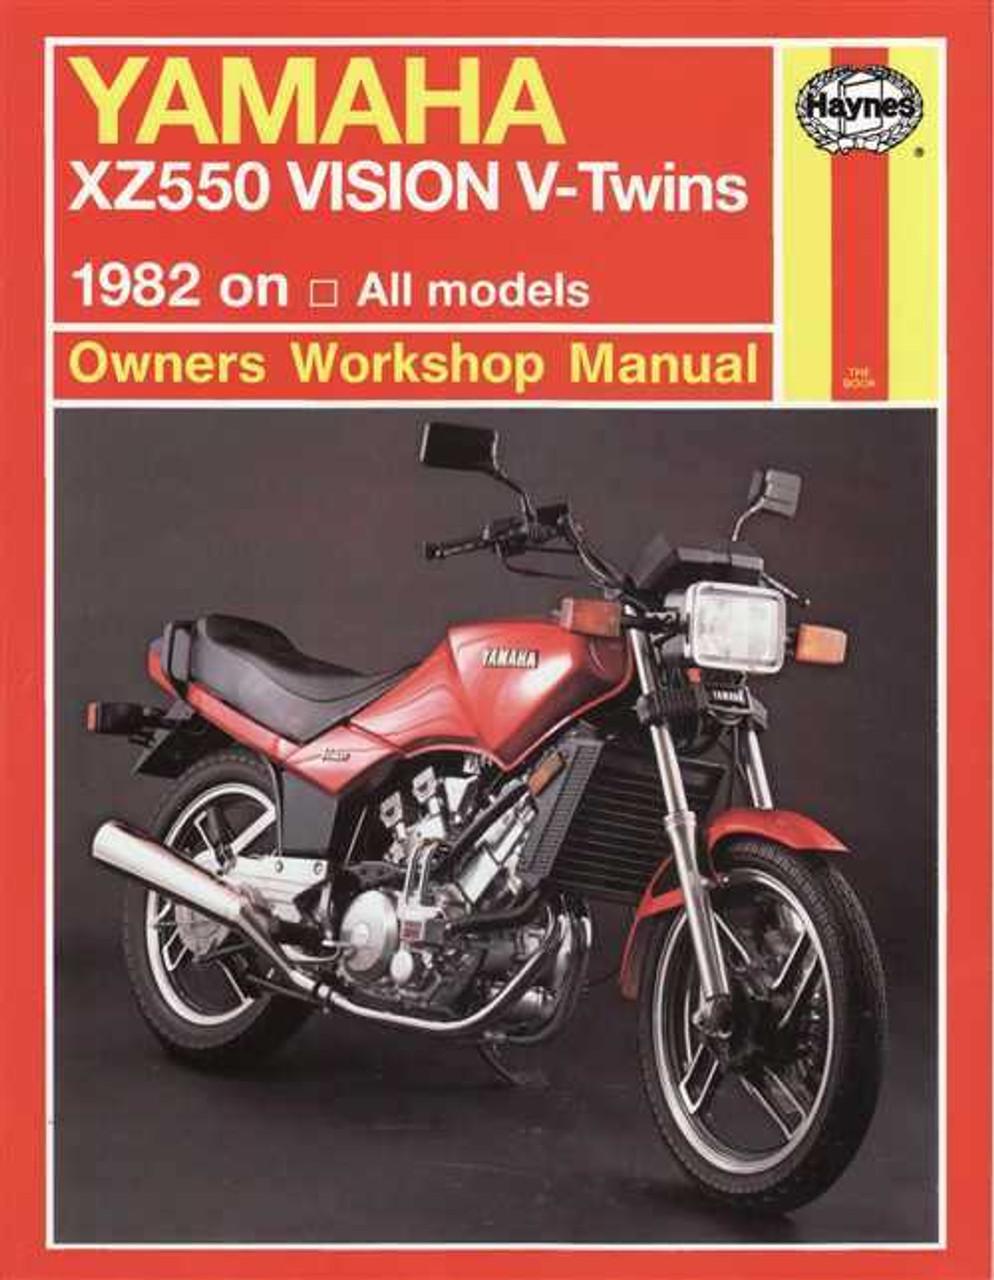 1982 yamaha xz550rj vision